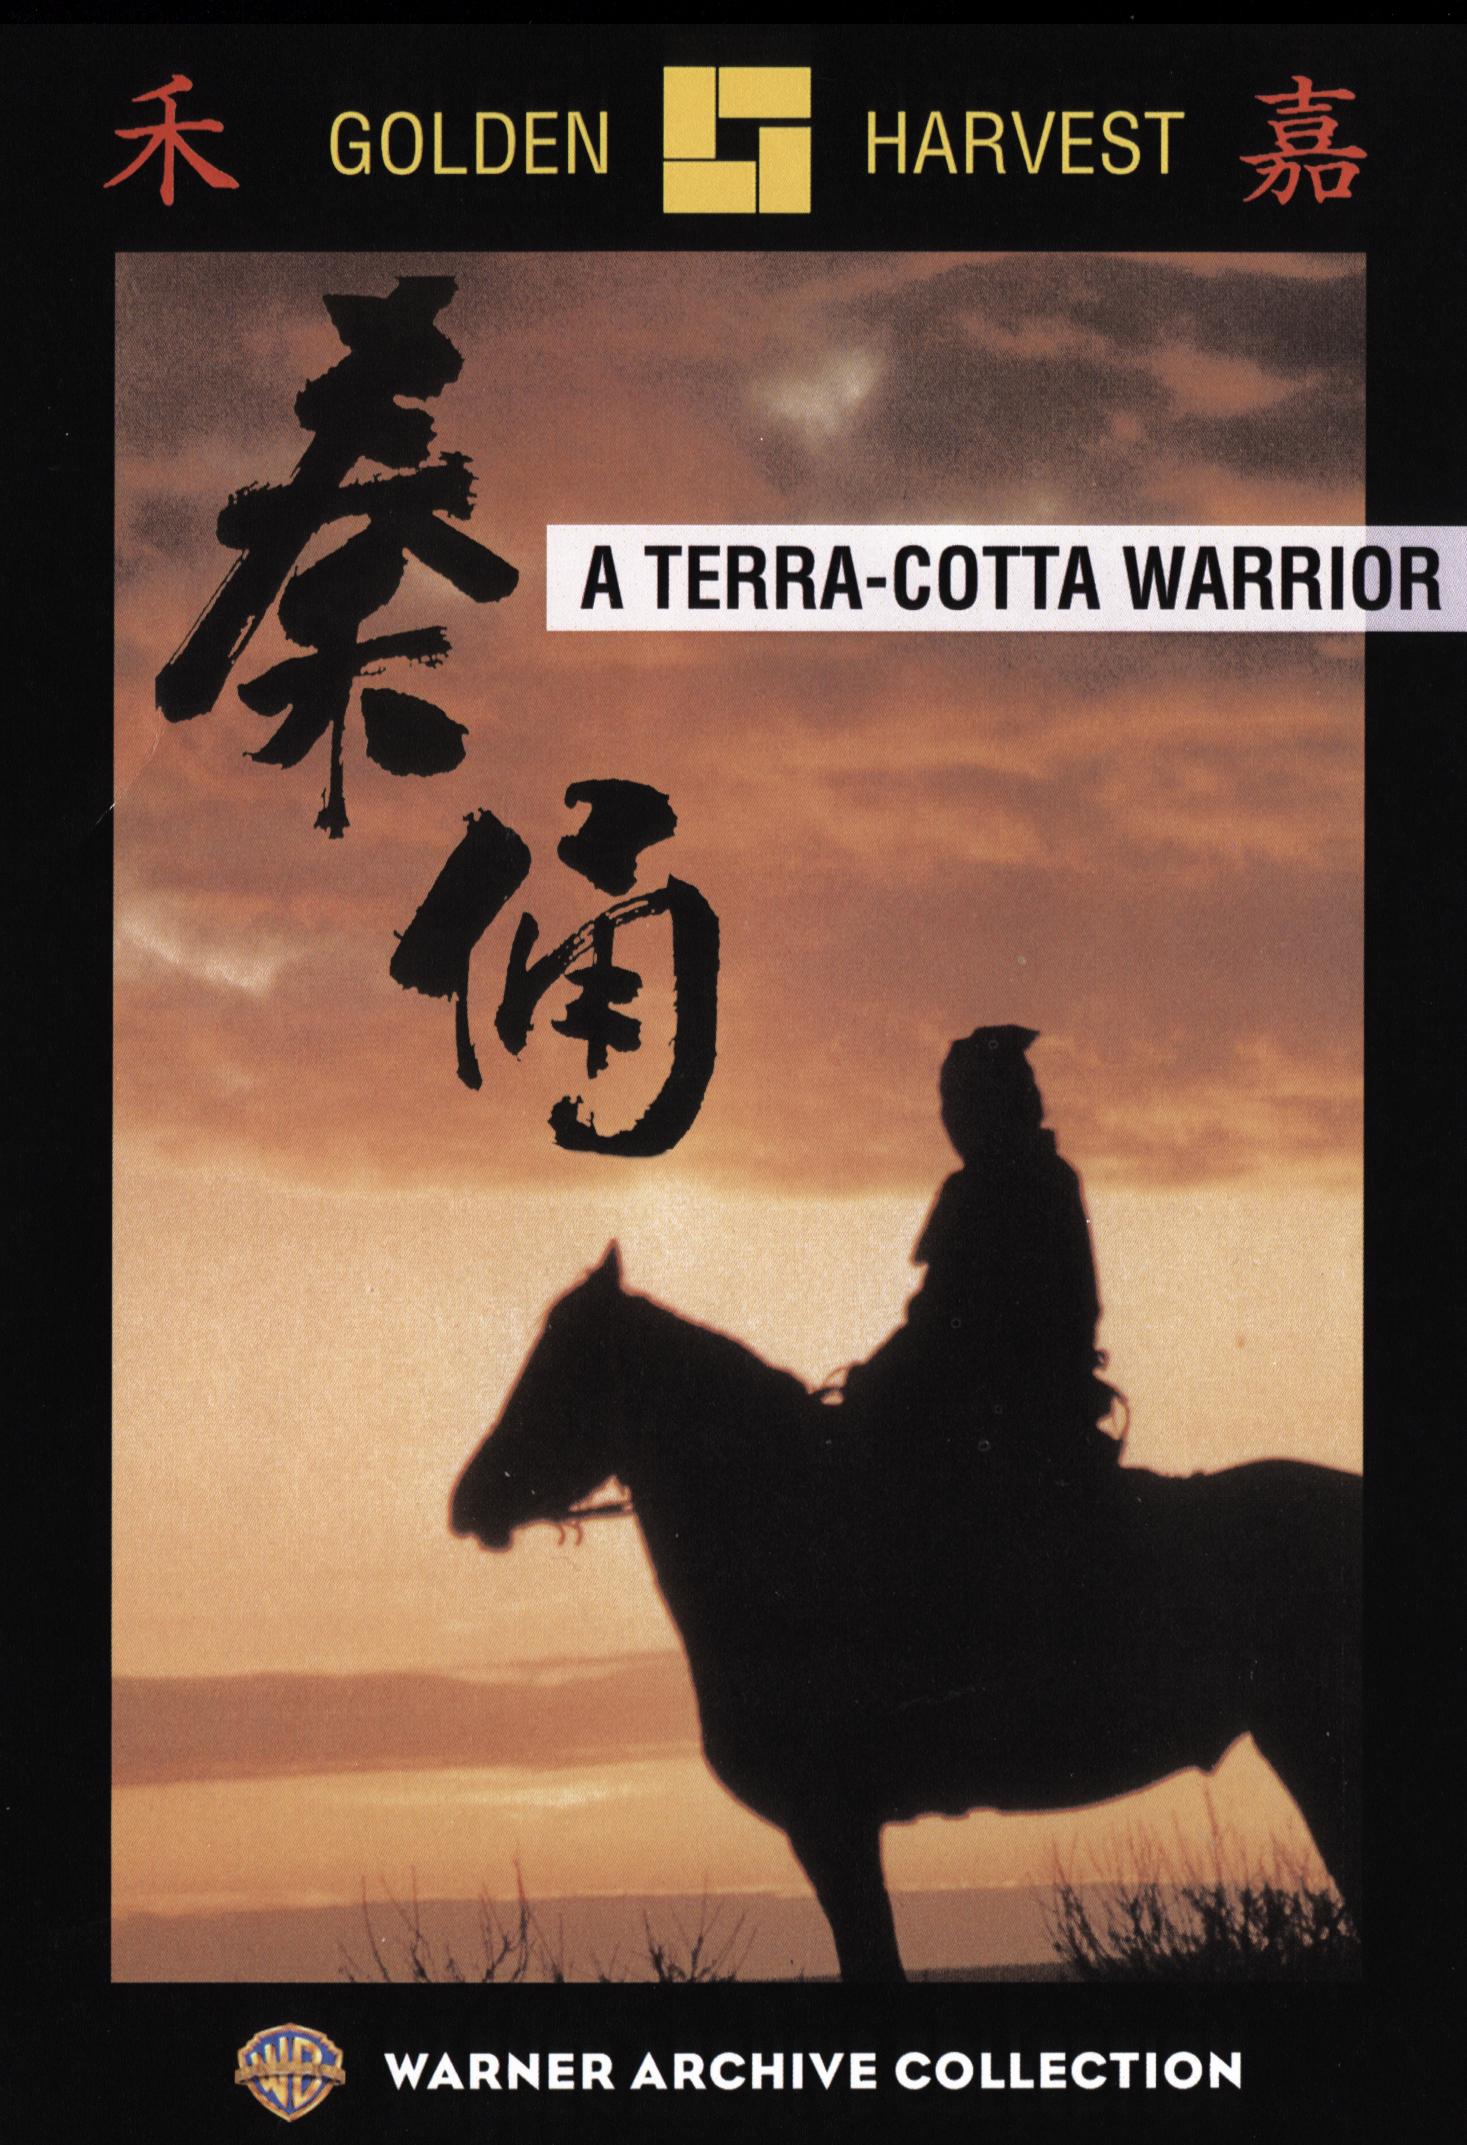 The Terracotta Warrior